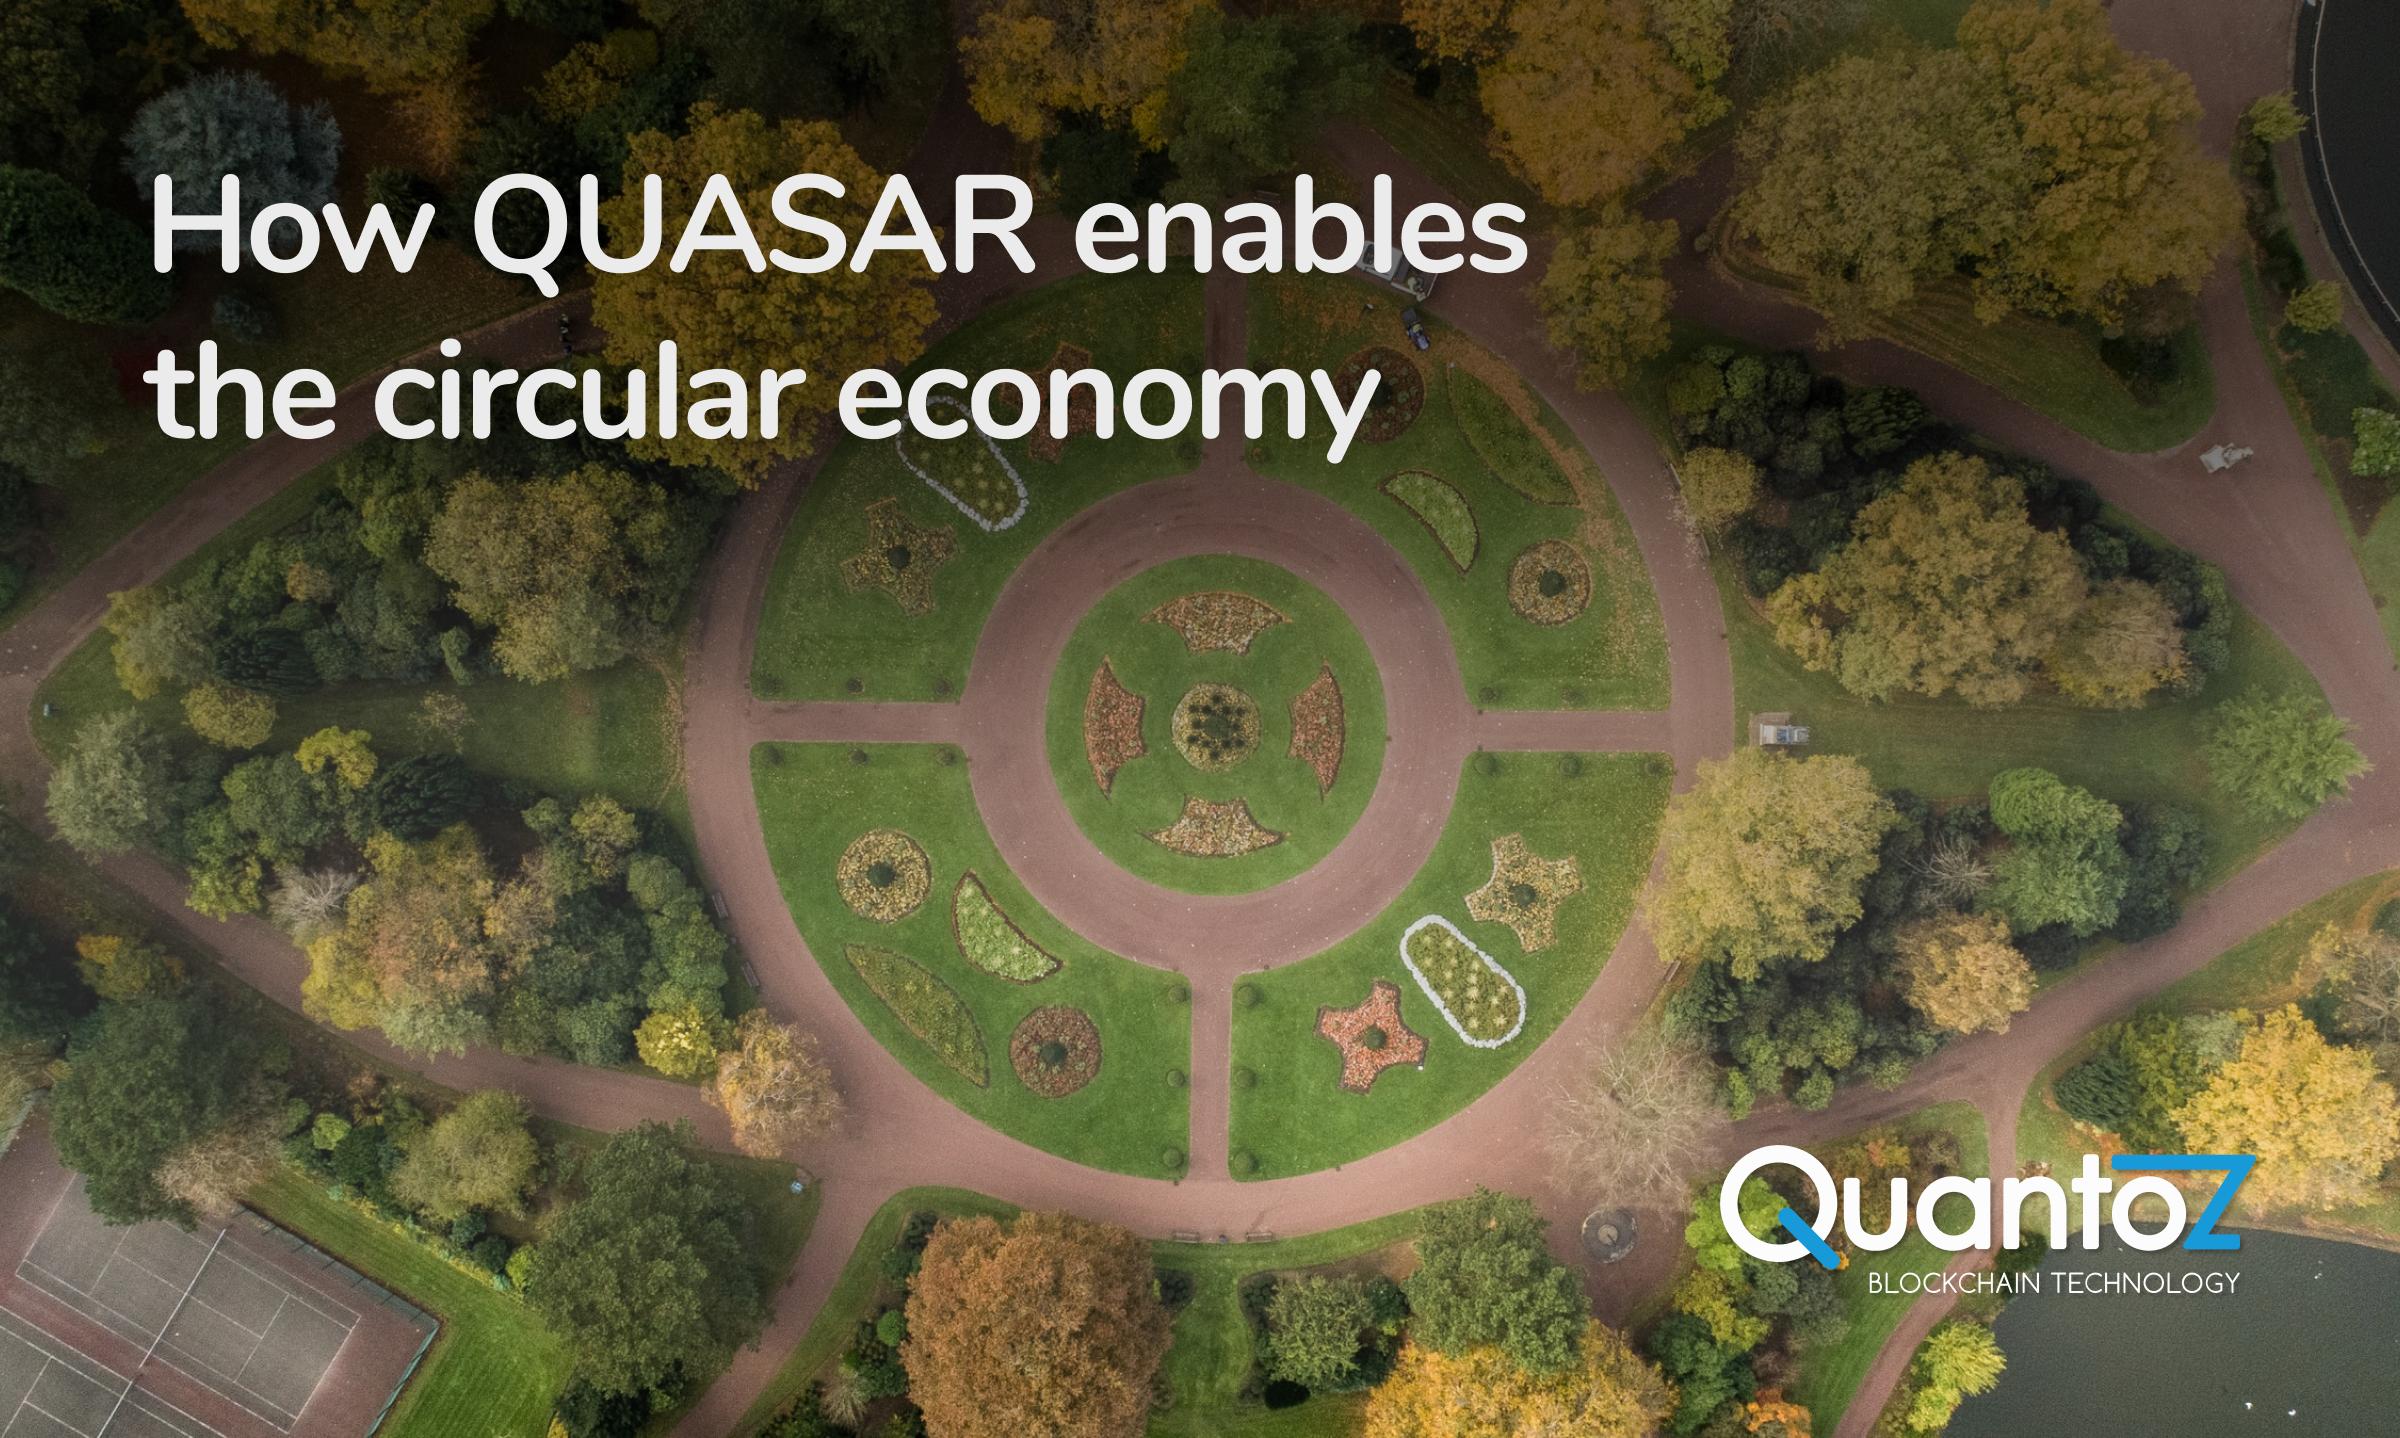 QUASAR circular economy post